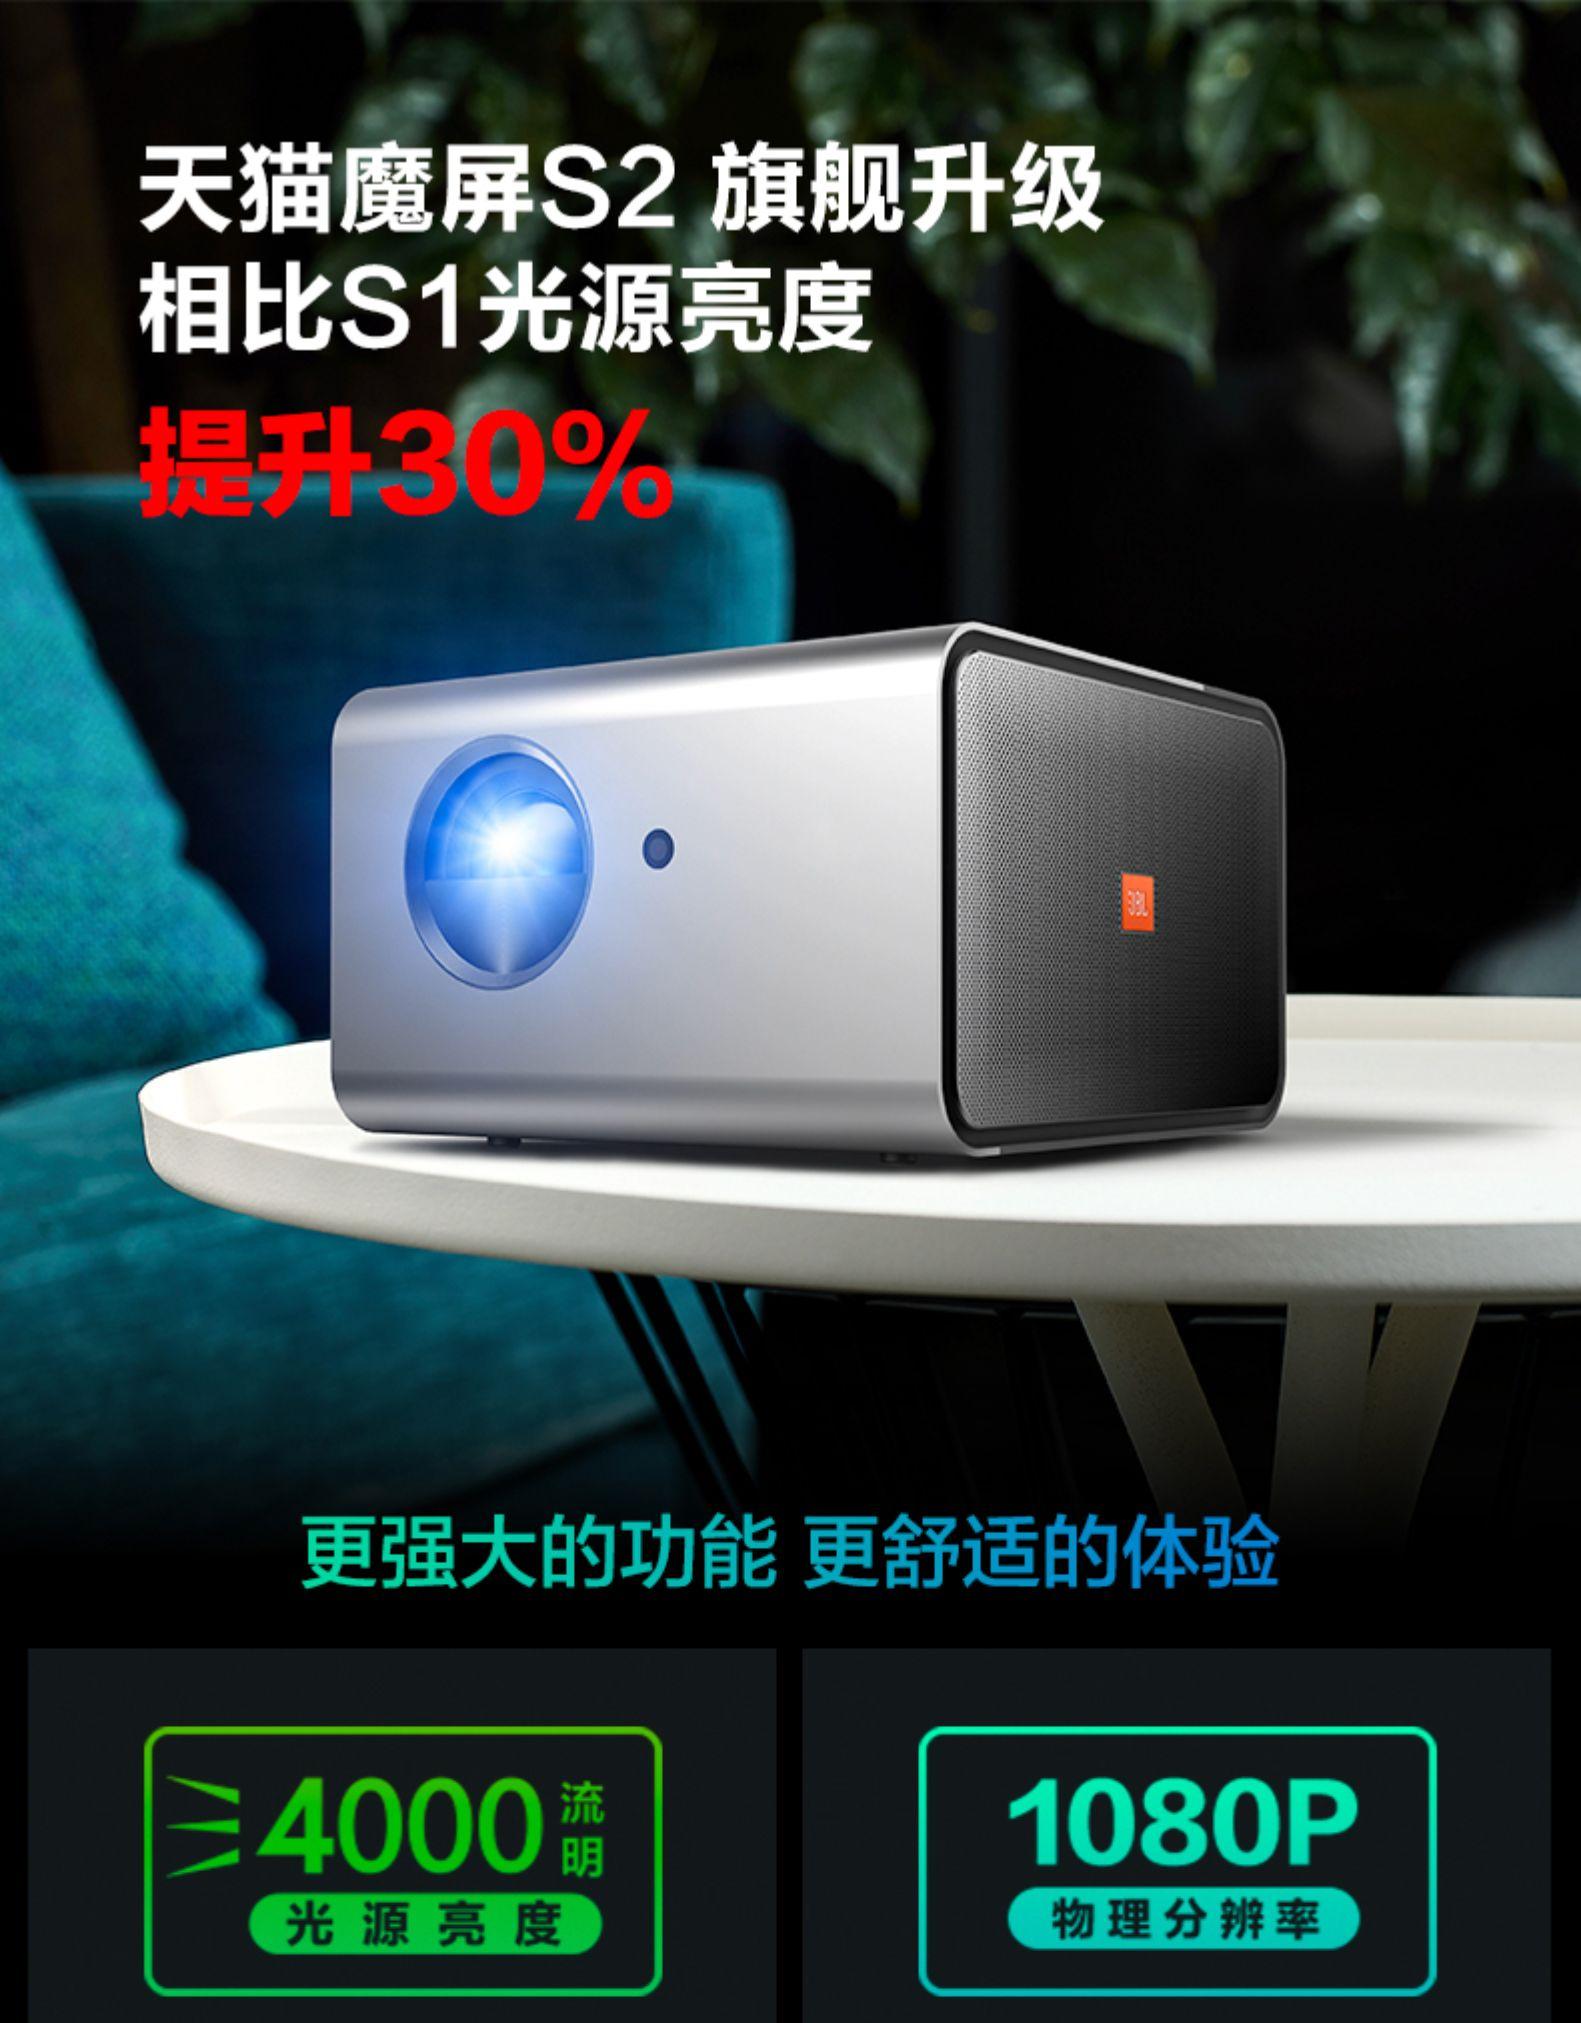 Cinema gia đình Trình chiếu màn hình phép màu S2 chiếu phim 3D Thông minh 1080p không có màn hình TV